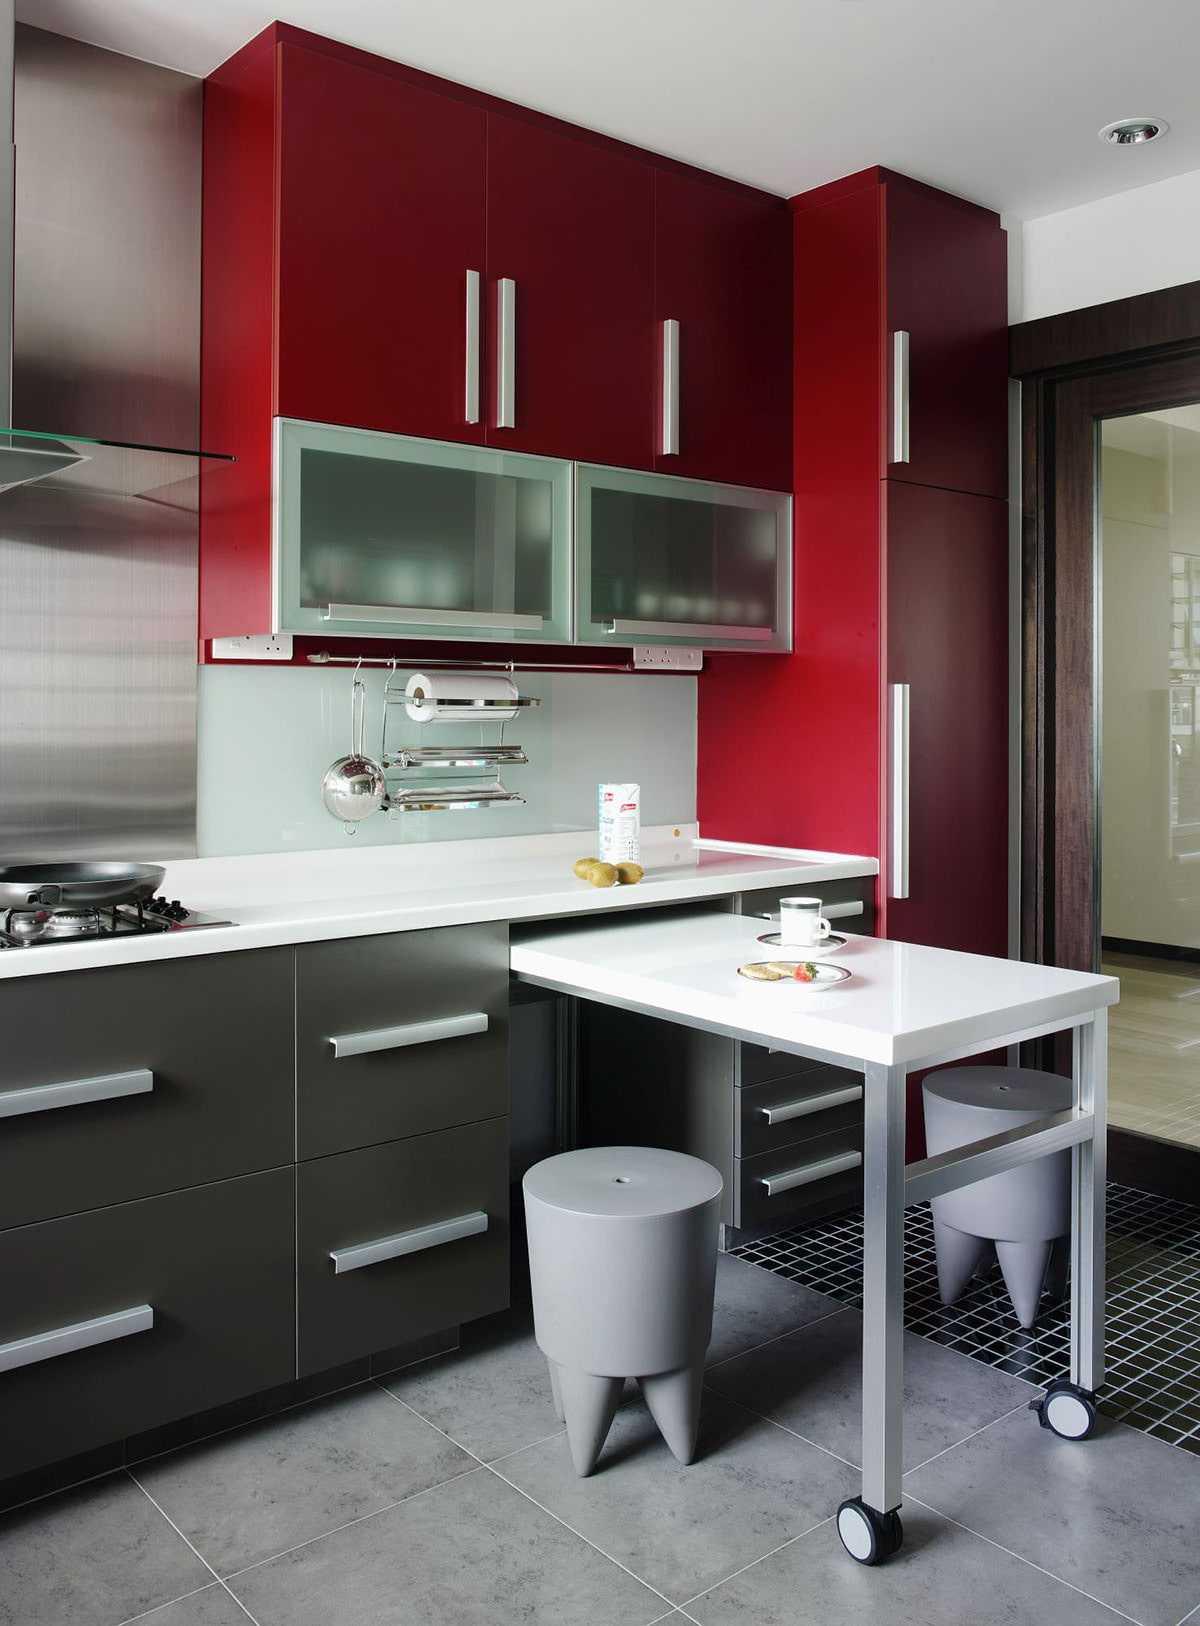 Кухонный гарнитур для маленькой кухни: 35 фото и идеи дизайна